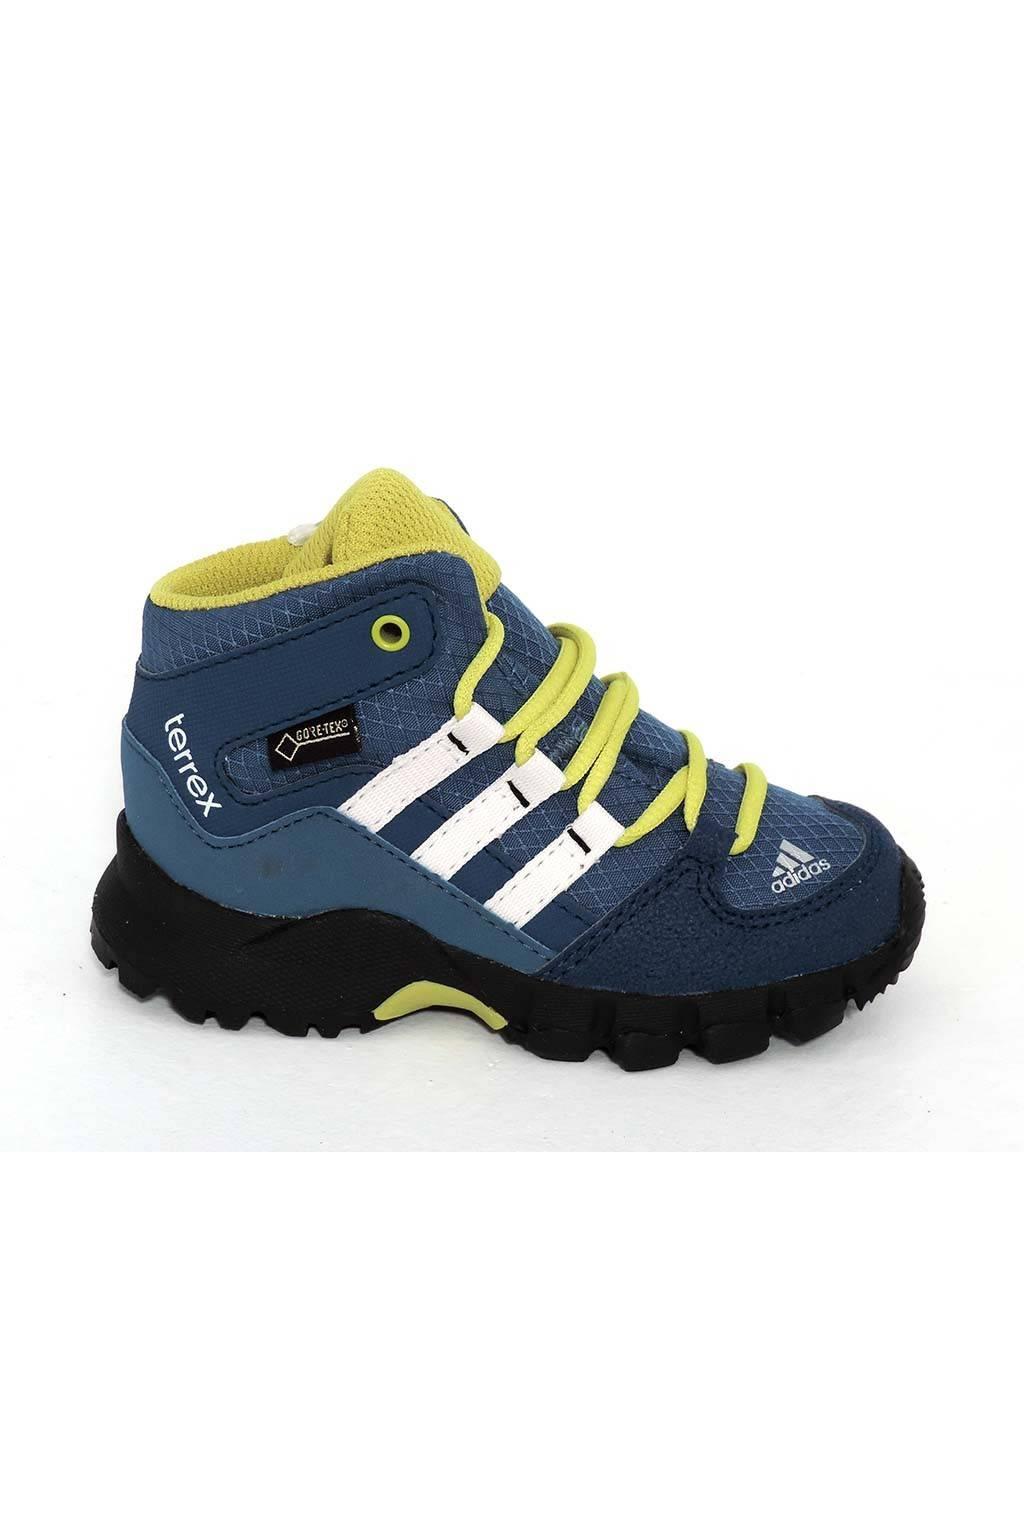 specjalne do butów niezawodna jakość oficjalna strona Adidas goretex bb1404 boot - medinapiel.com